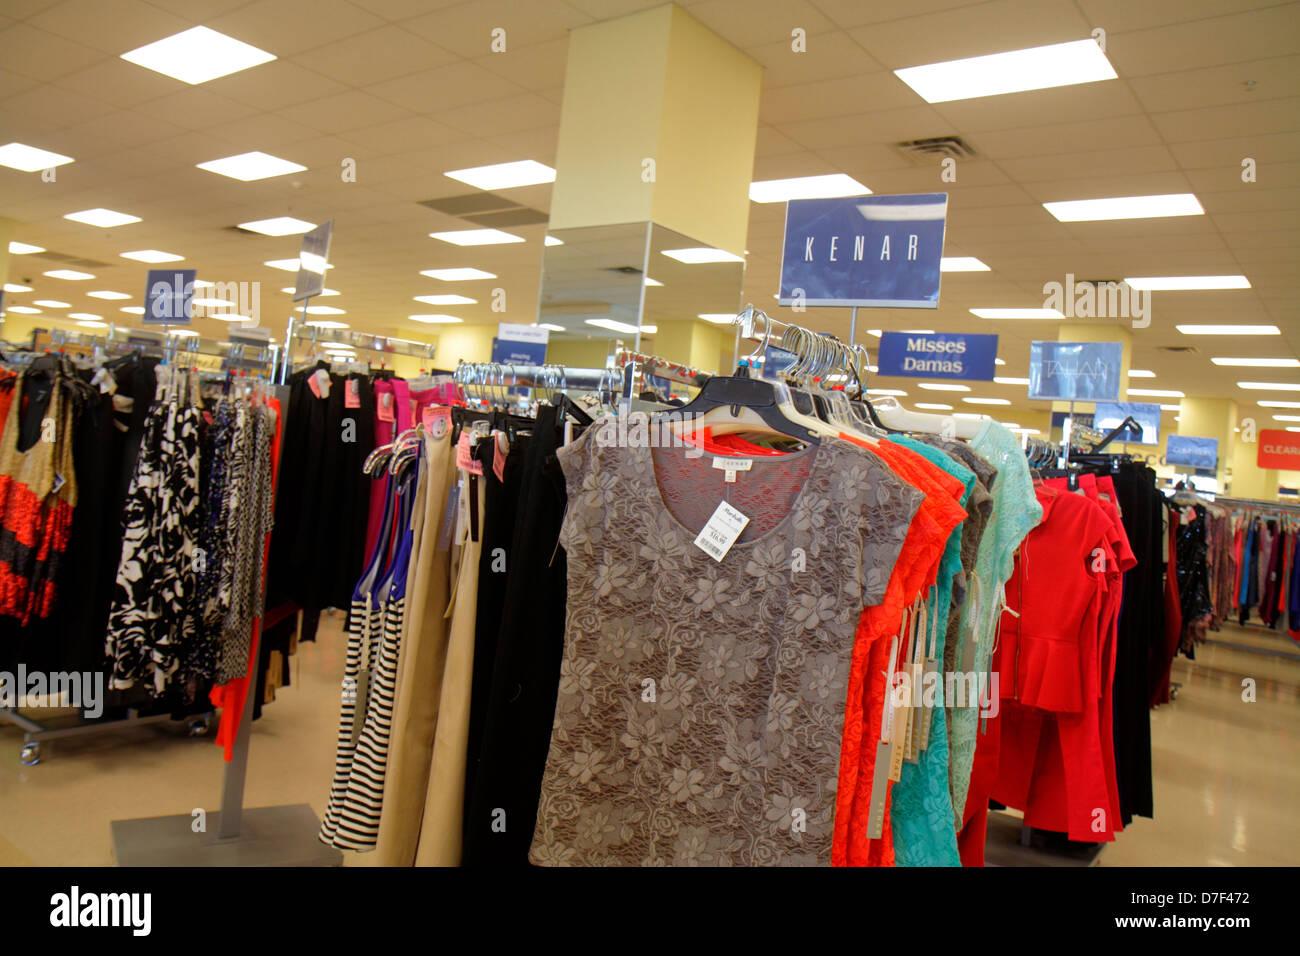 43b54339e Clothing Marshalls Shopping Store Stock Photos   Clothing Marshalls ...